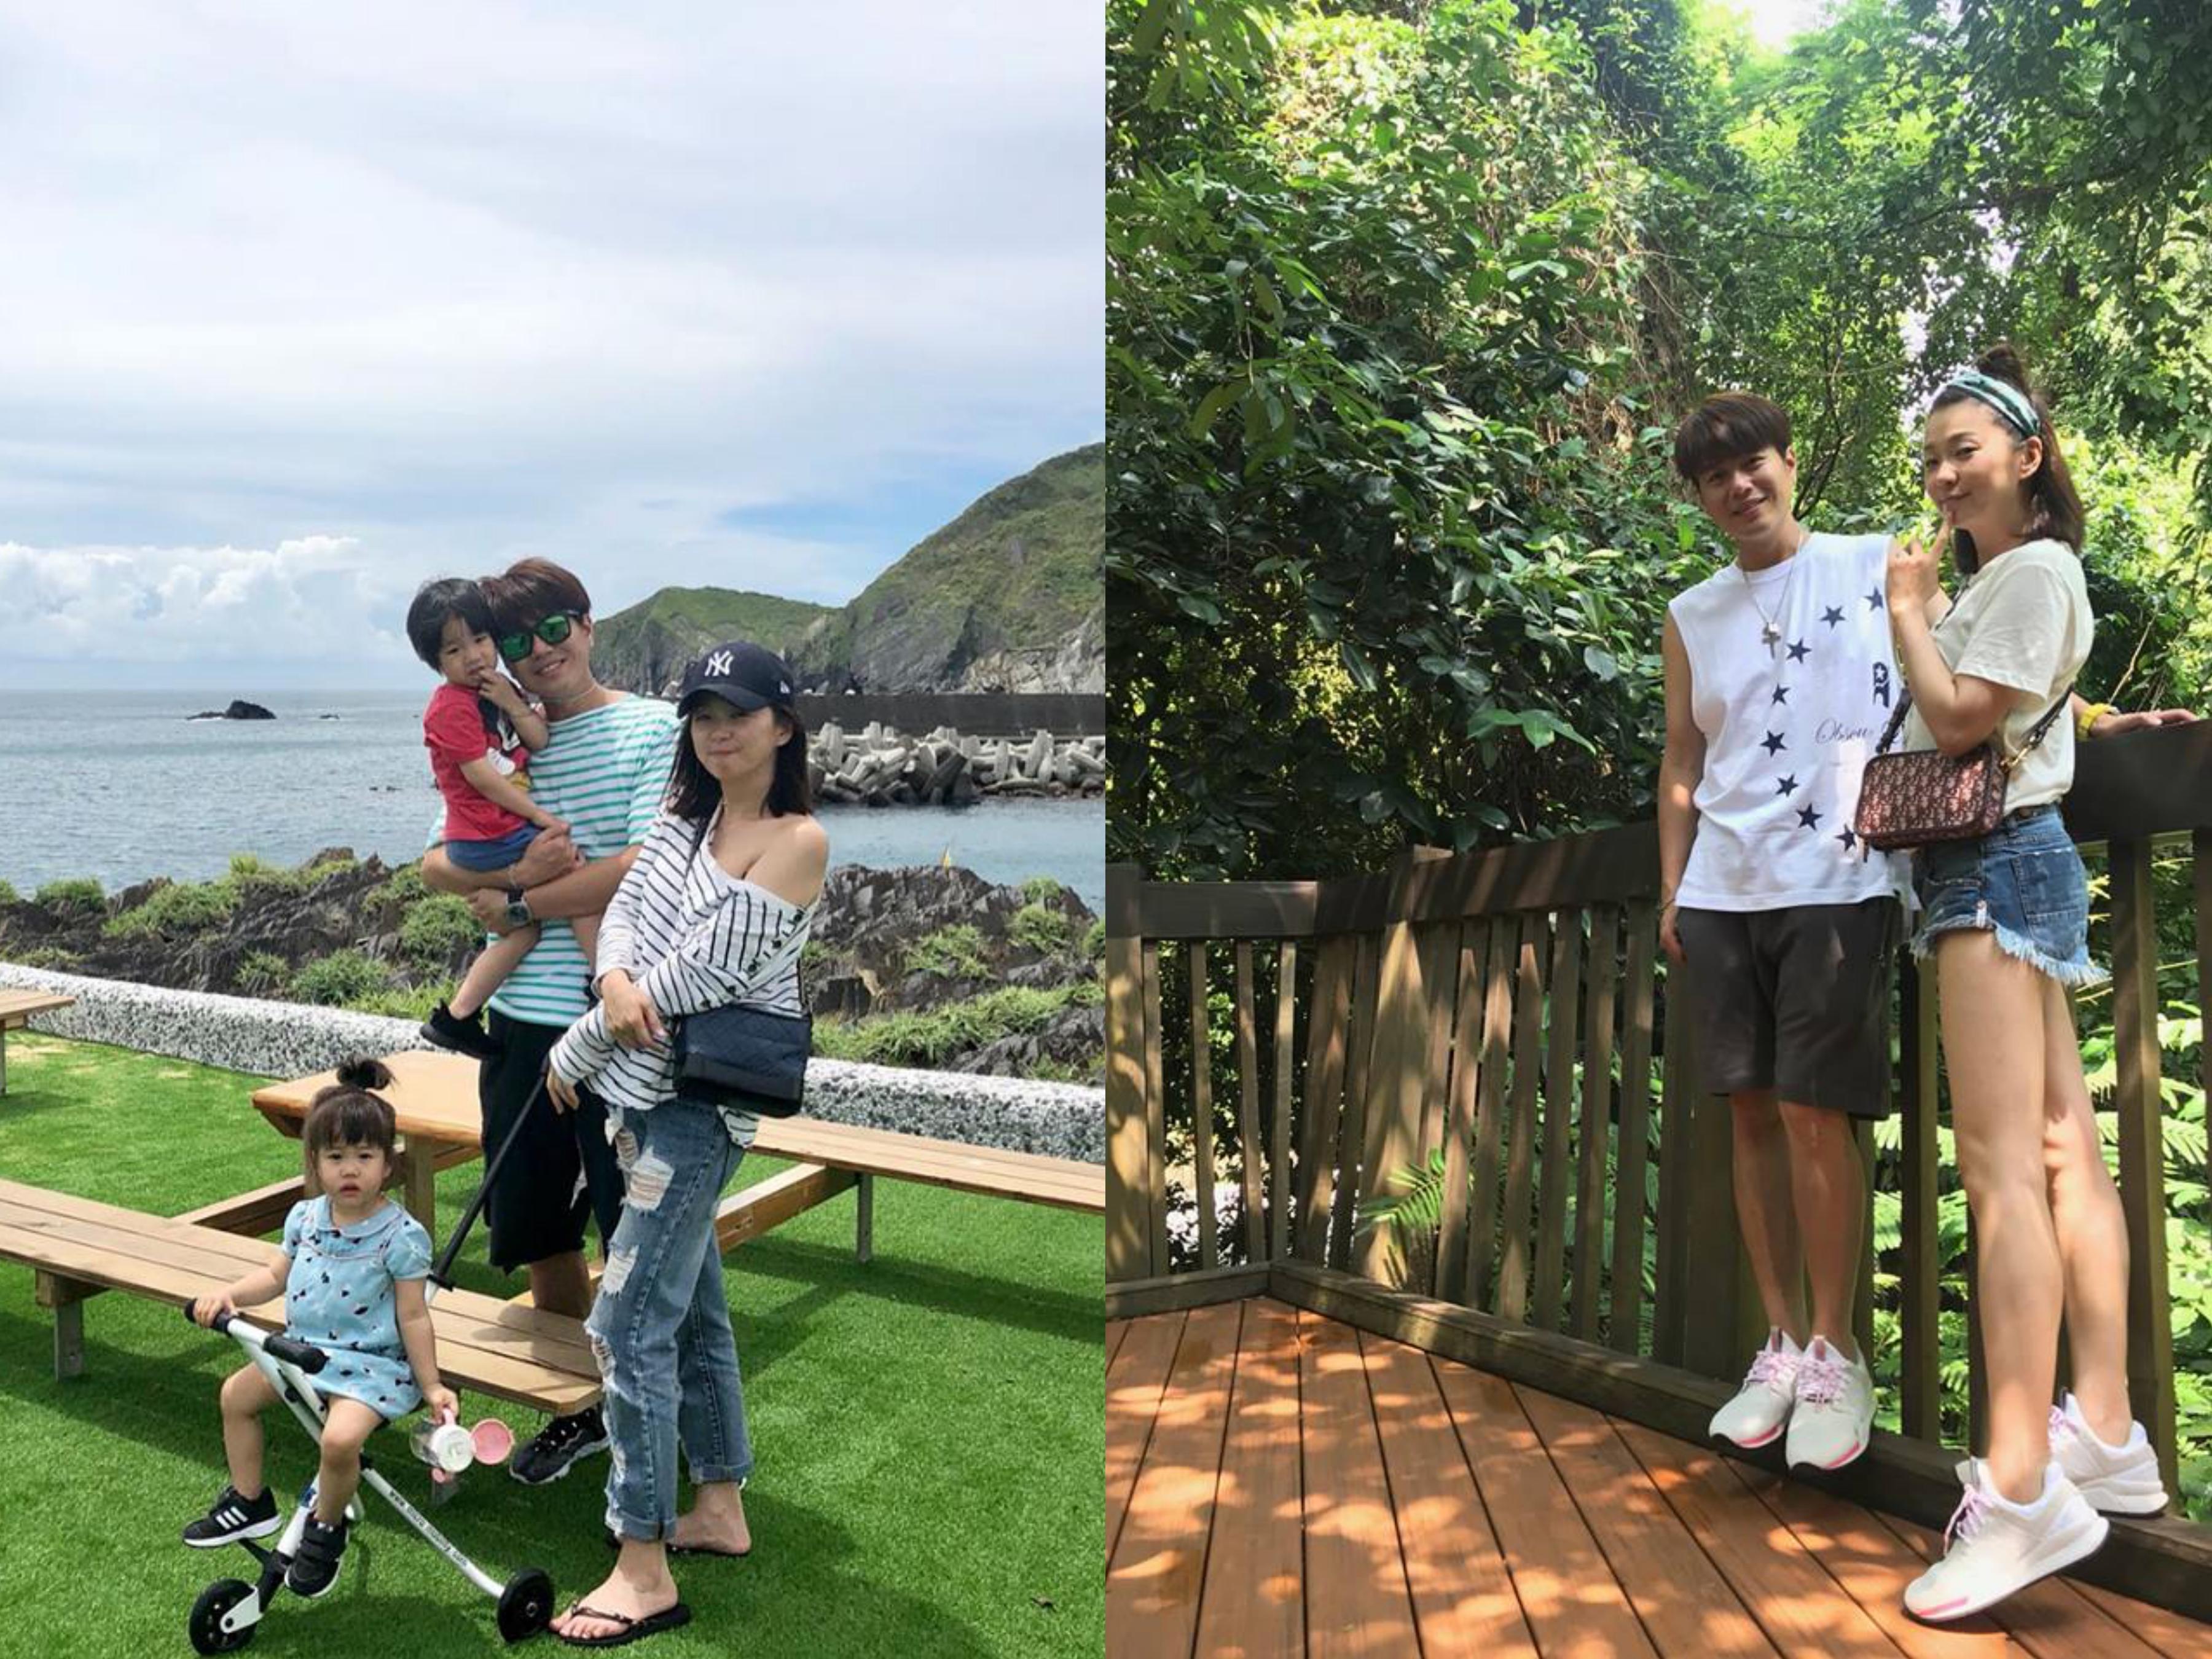 六月+李易夫妻推薦親子旅遊好去處